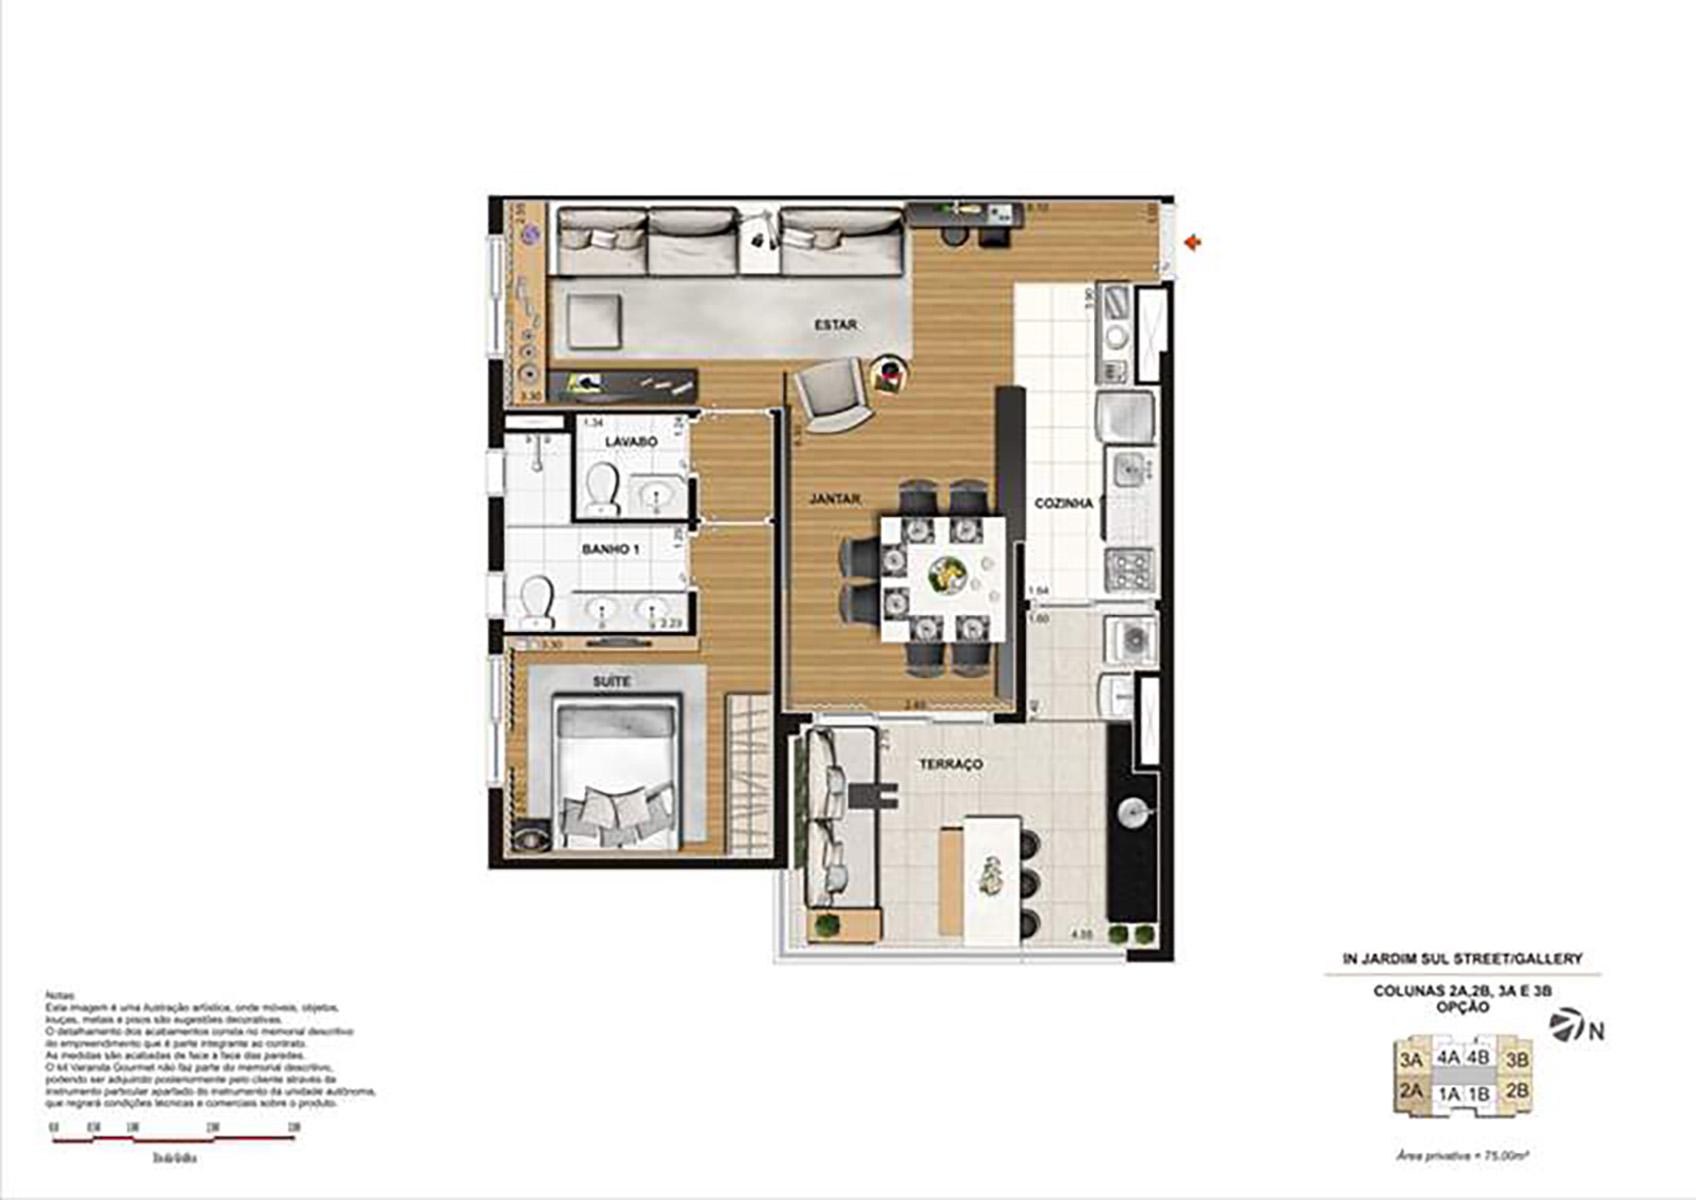 Ilustração Artística da Planta 75 m² opção 1 In Jardim Sul